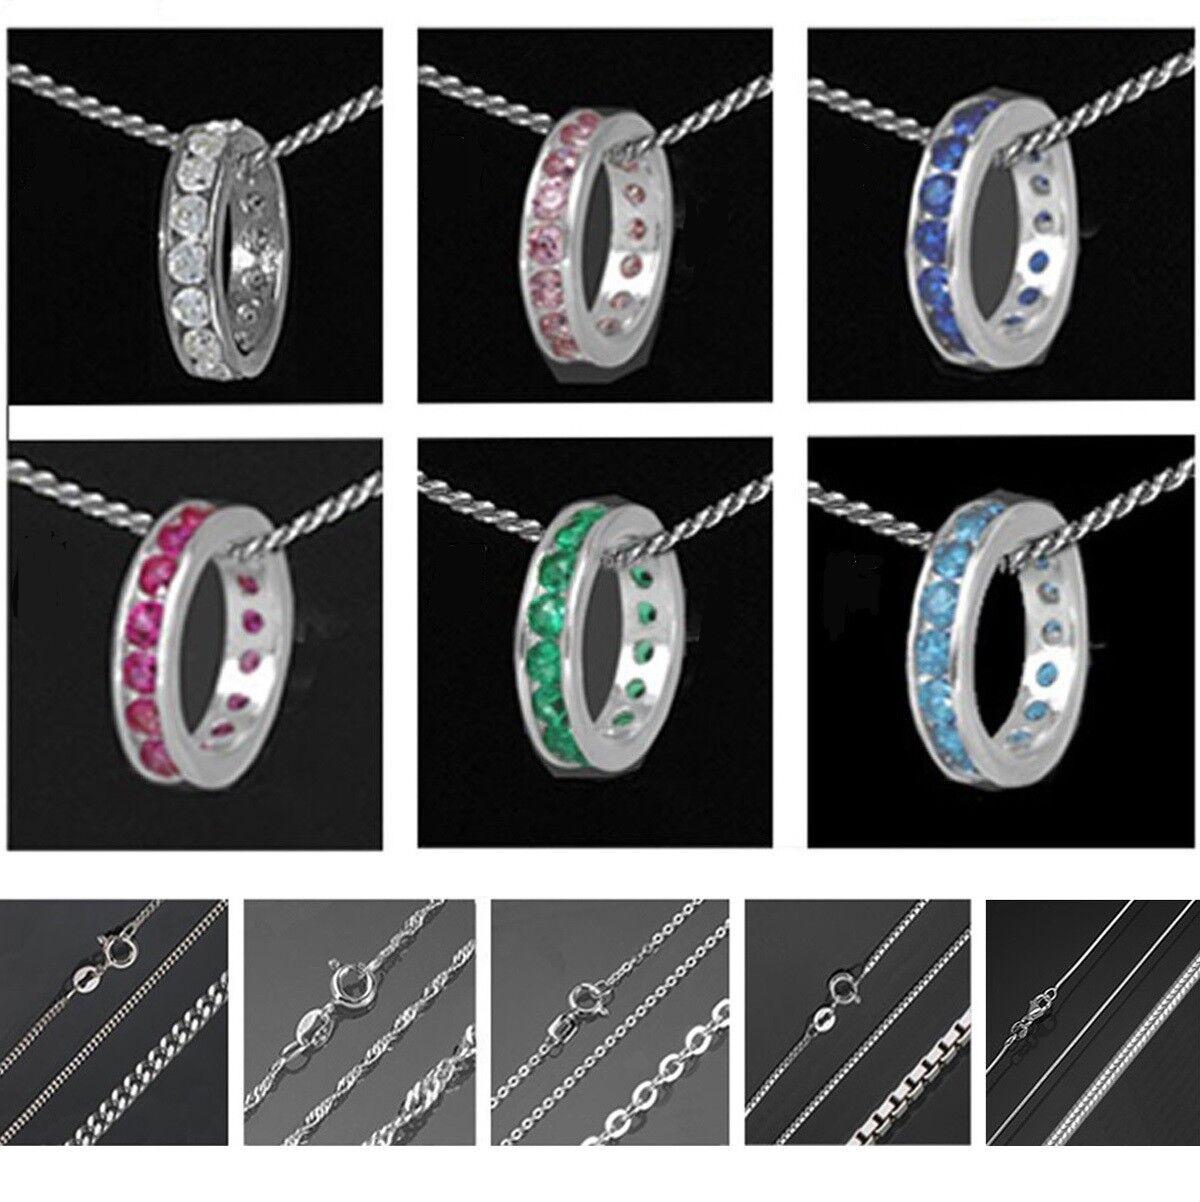 Taufring Kette Echt 925 Silber Taufkette Baby Ring Engel Taufschmuck im Shop